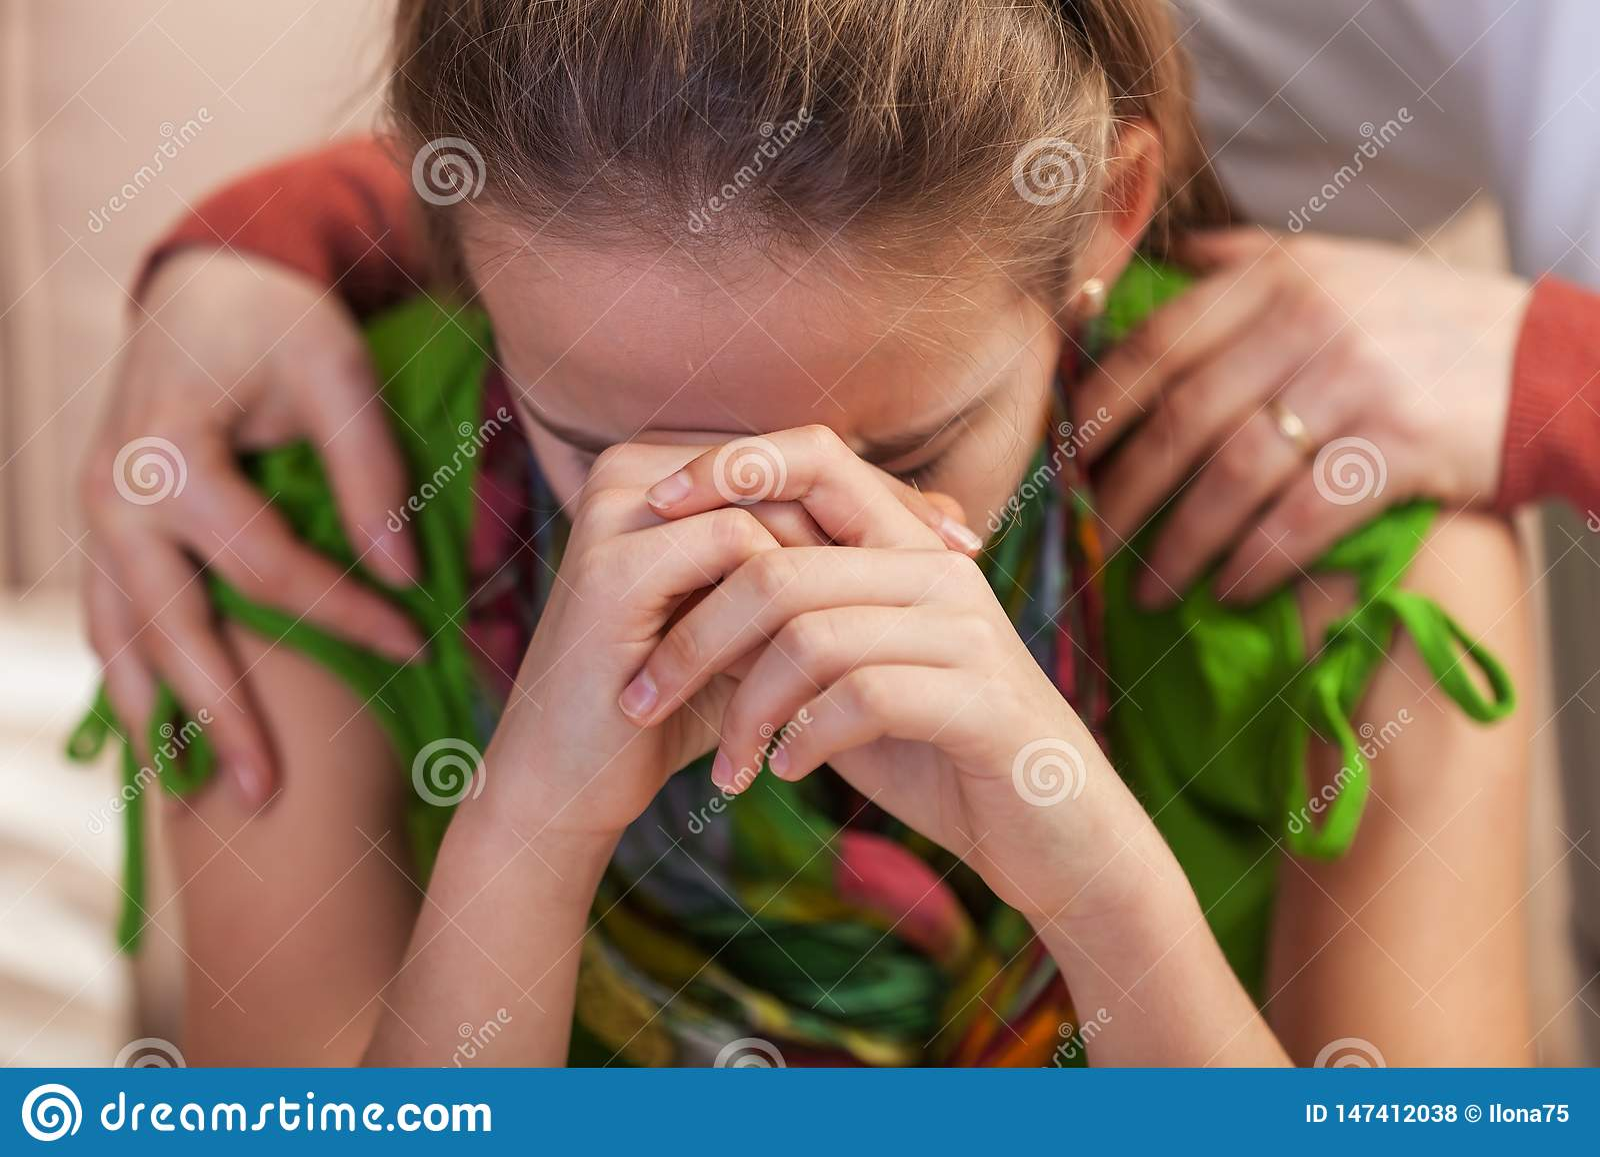 Λυπημένο έφηβη που το κεφάλι της στην απελπισία - χέρια γυναικών που κρατούν και που ανακουφίζουν την